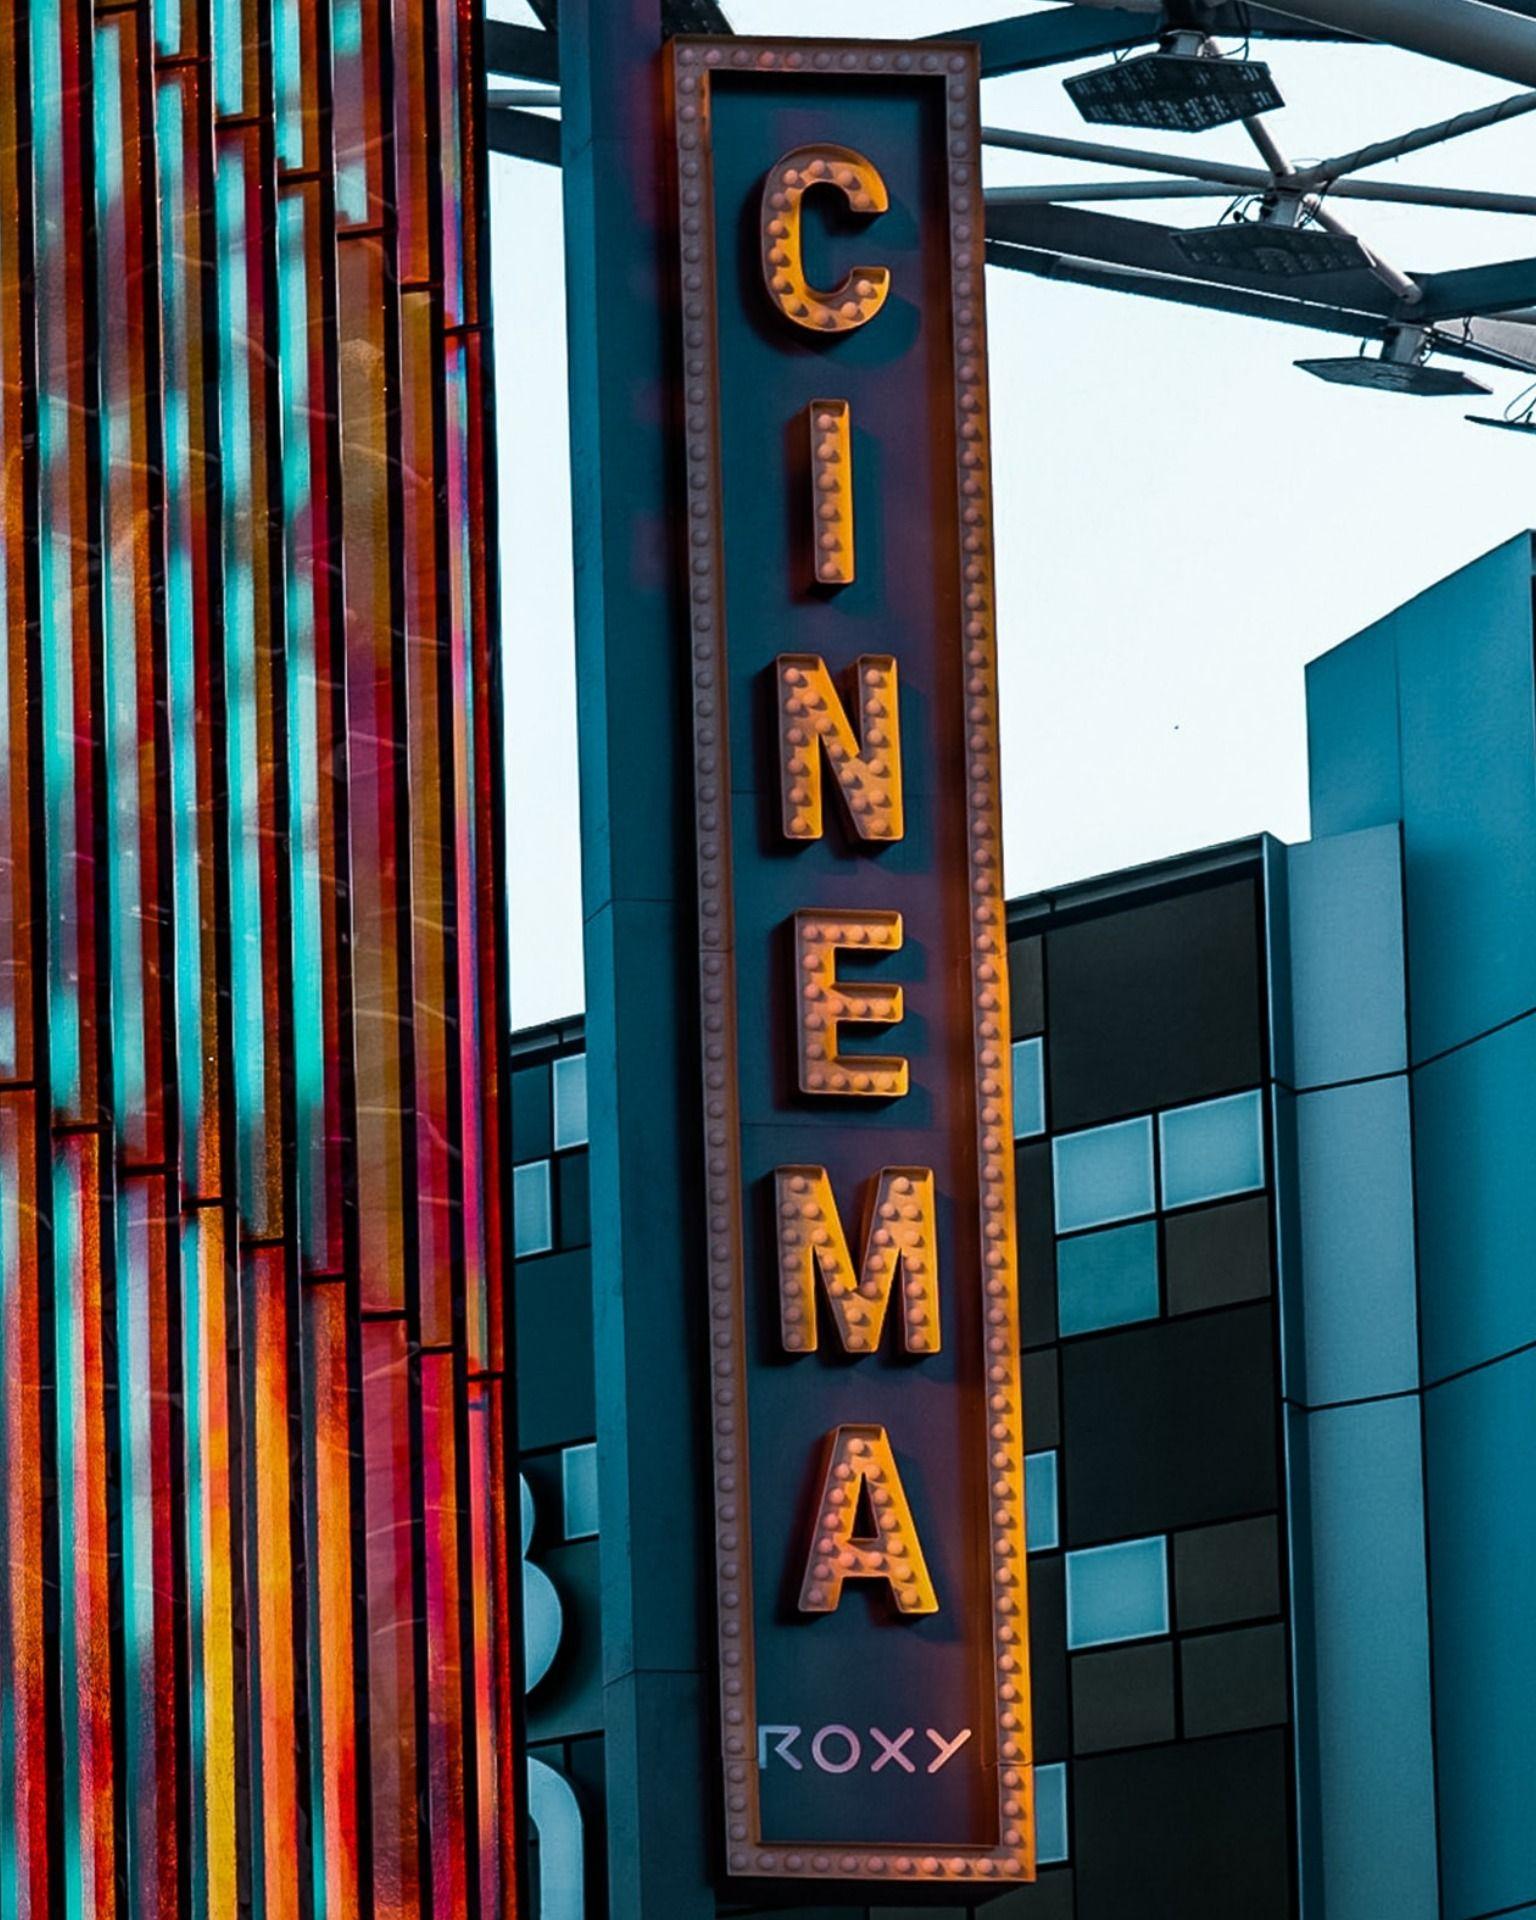 Movie Making At Warner Bros Studio Movie Studio Set Old Hollywood Movies Old Movies